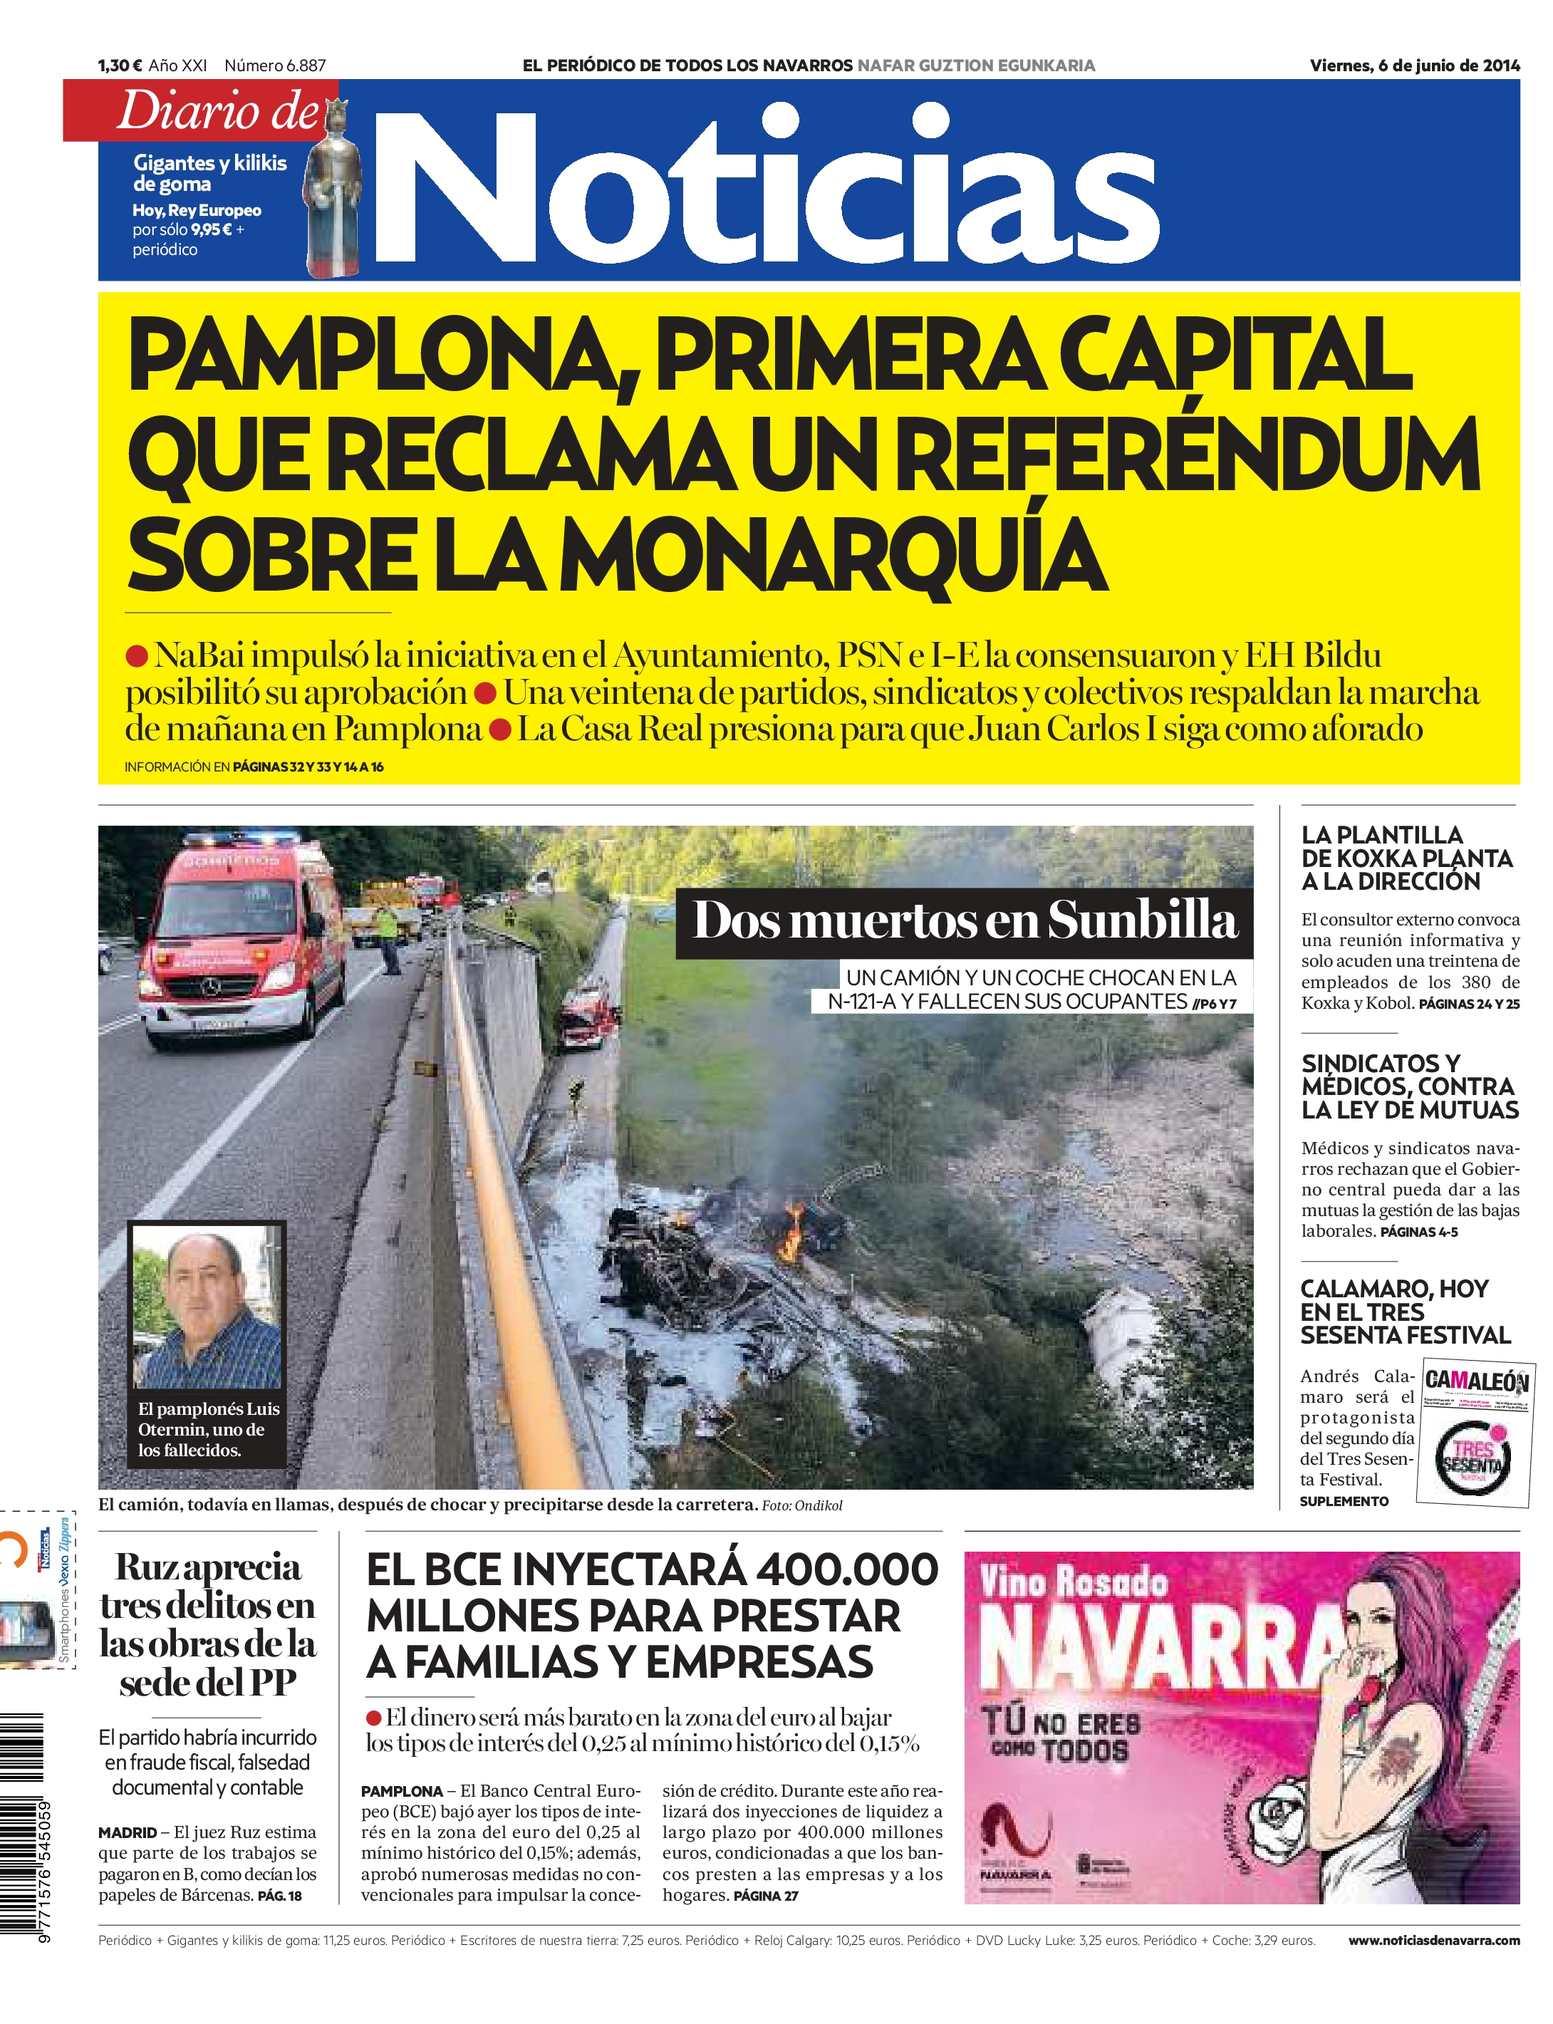 Noticias Noticias Diario Calaméo Noticias 20140606 De Diario De 20140606 De Diario Calaméo Calaméo BerCWxod